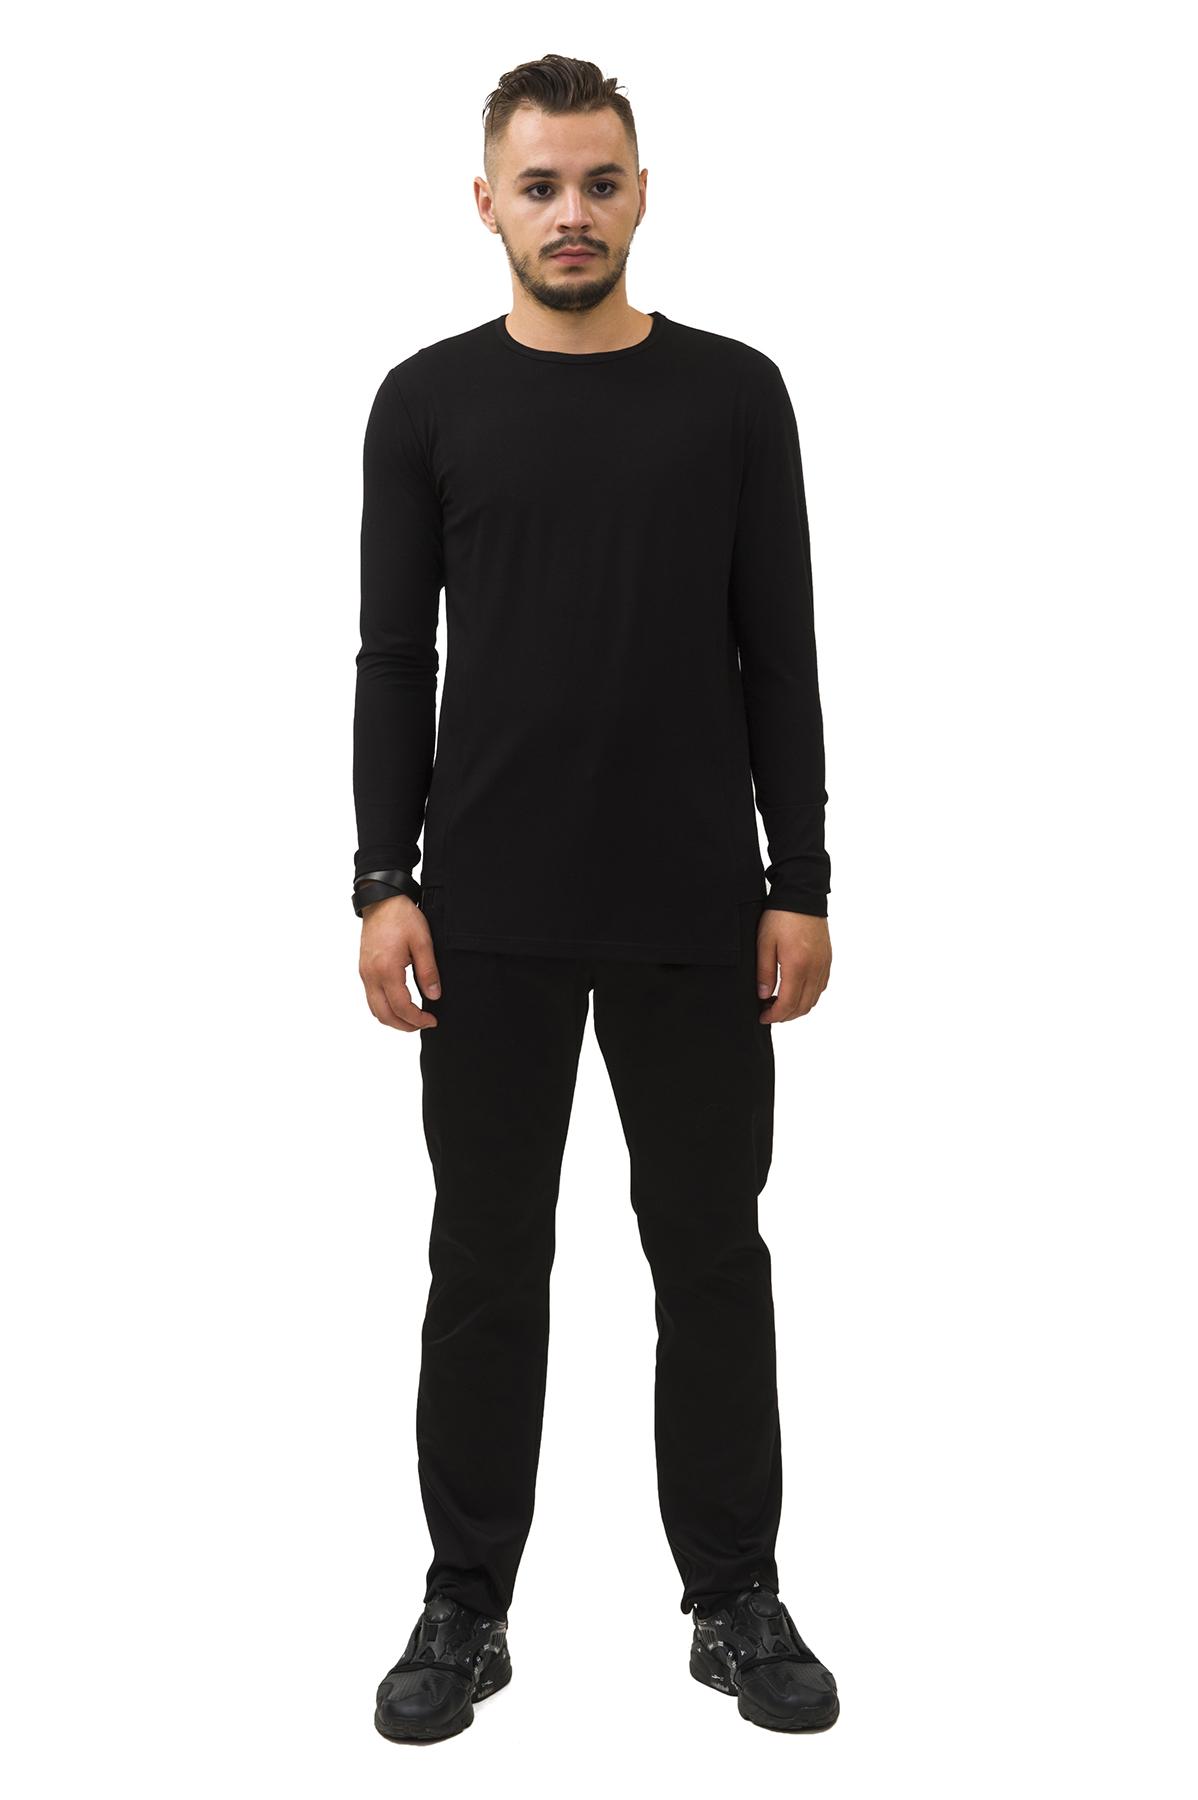 ЛонгсливМужские футболки, джемпера<br>Лонгслив Pavel Yerokin выполнен из вискозного трикотажа. Особенности: прямой крой, асимметричный низ, круглый вырез, длинный рукав.<br><br>Цвет: черный<br>Состав: Вискоза - 92%, Эластан - 8%<br>Размер: 44,46,48,50,52<br>Страна дизайна: Россия<br>Страна производства: Россия